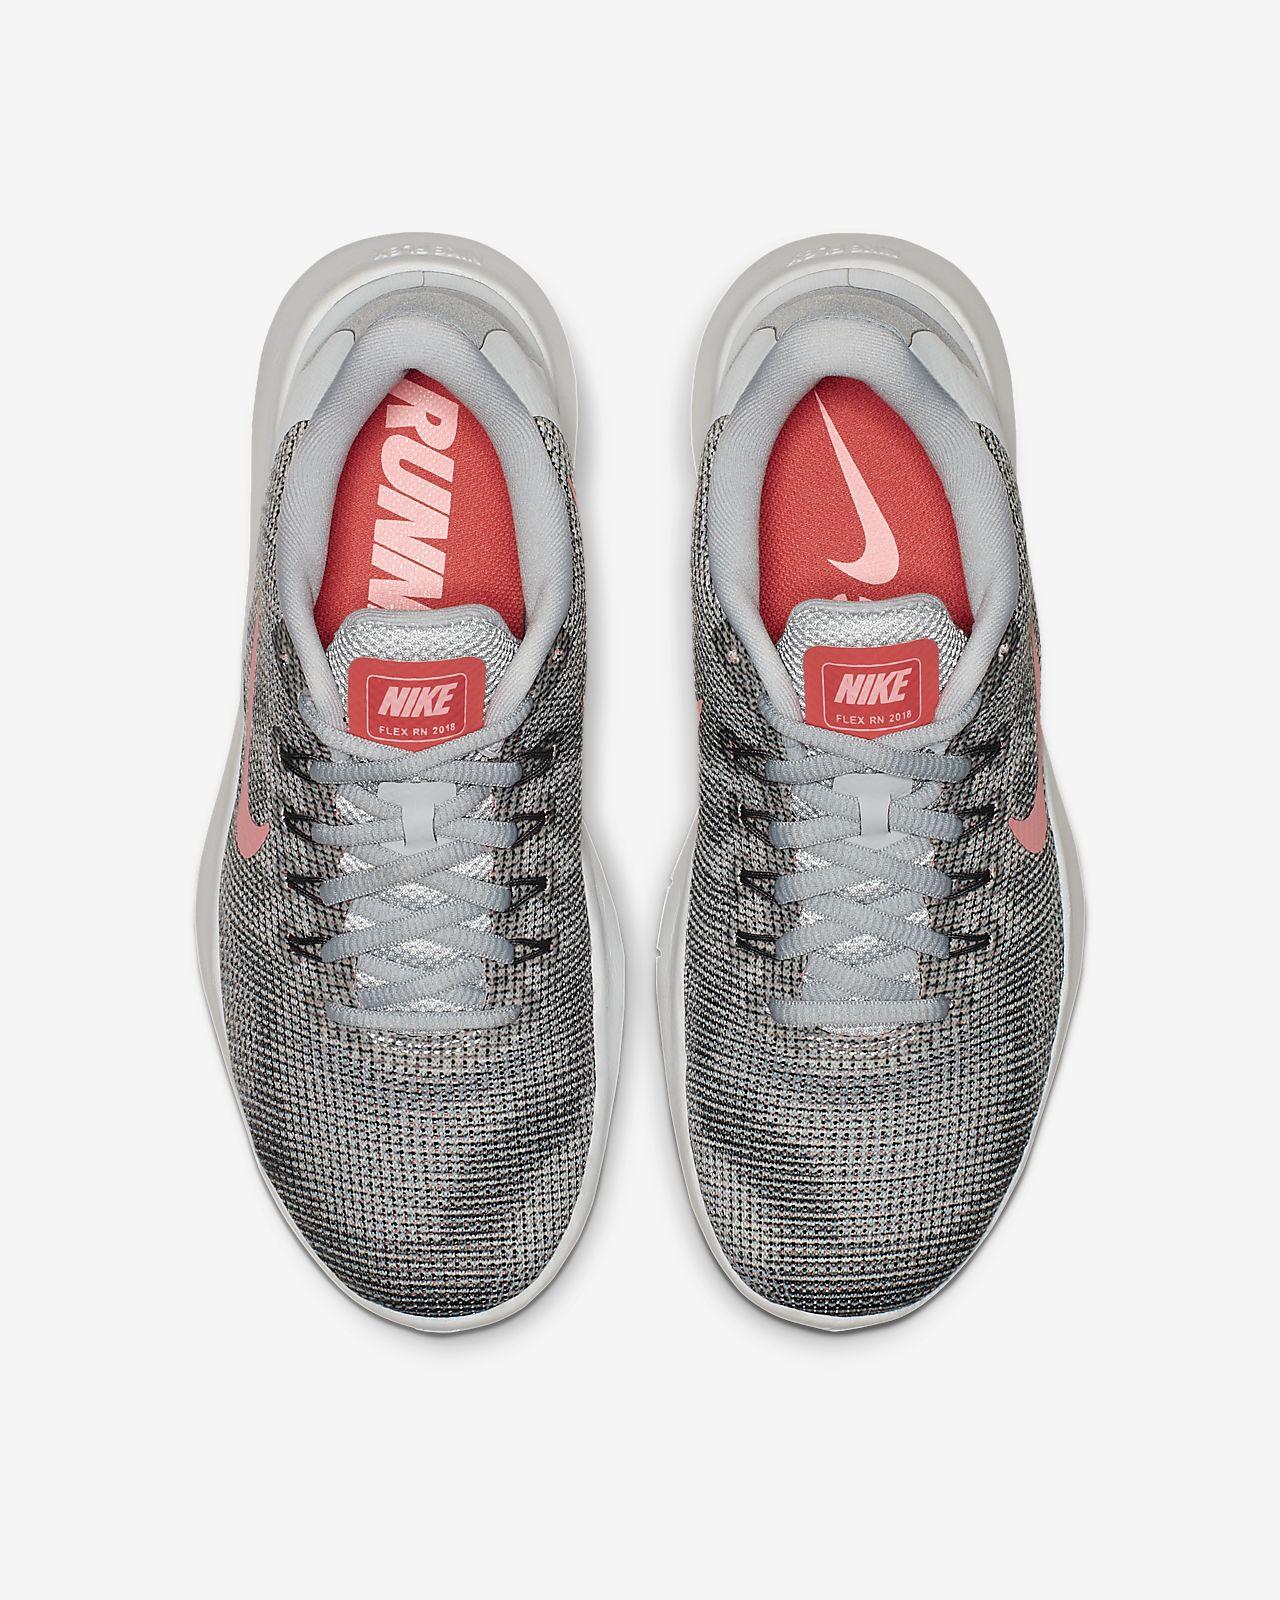 a39686558e9 Calzado de running para mujer Nike Flex RN 2018. Nike.com MX